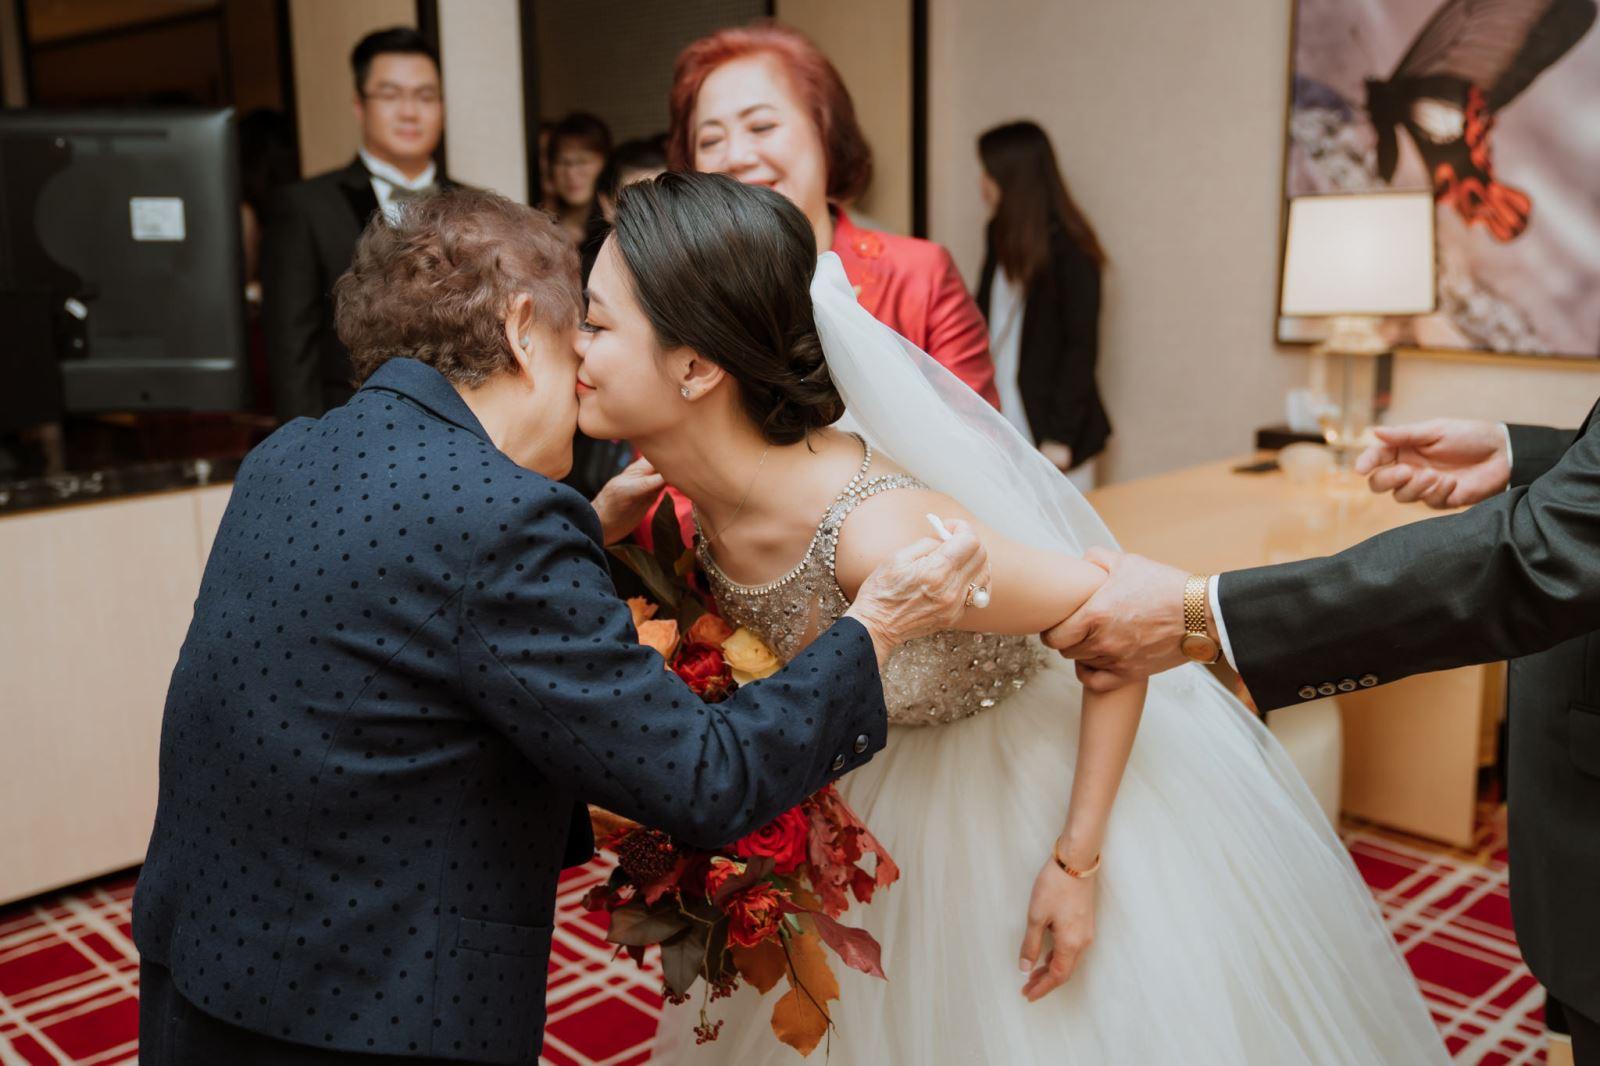 婚禮主持人純涵引導迎娶時,孫女給祖母的一個親吻